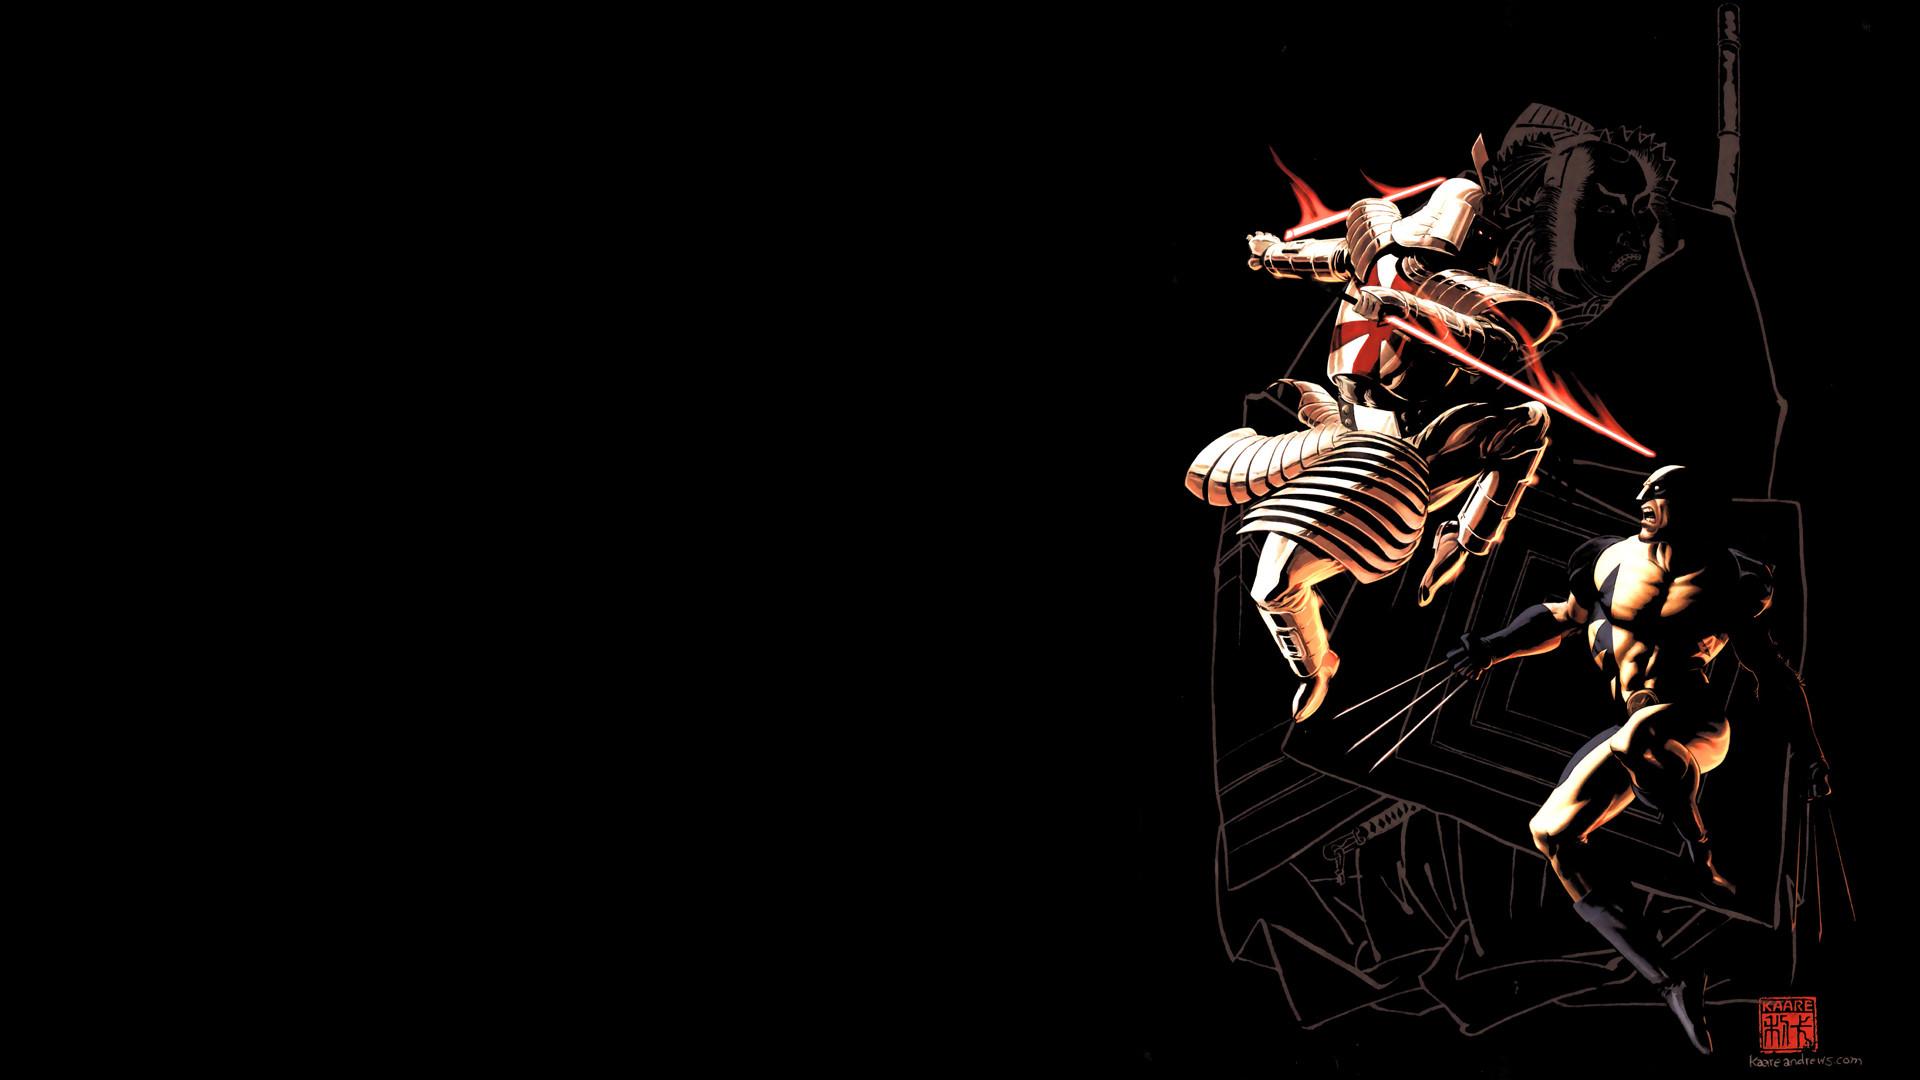 Comics – Wolverine Comic Superhero Azrael (DC Comics) Wallpaper